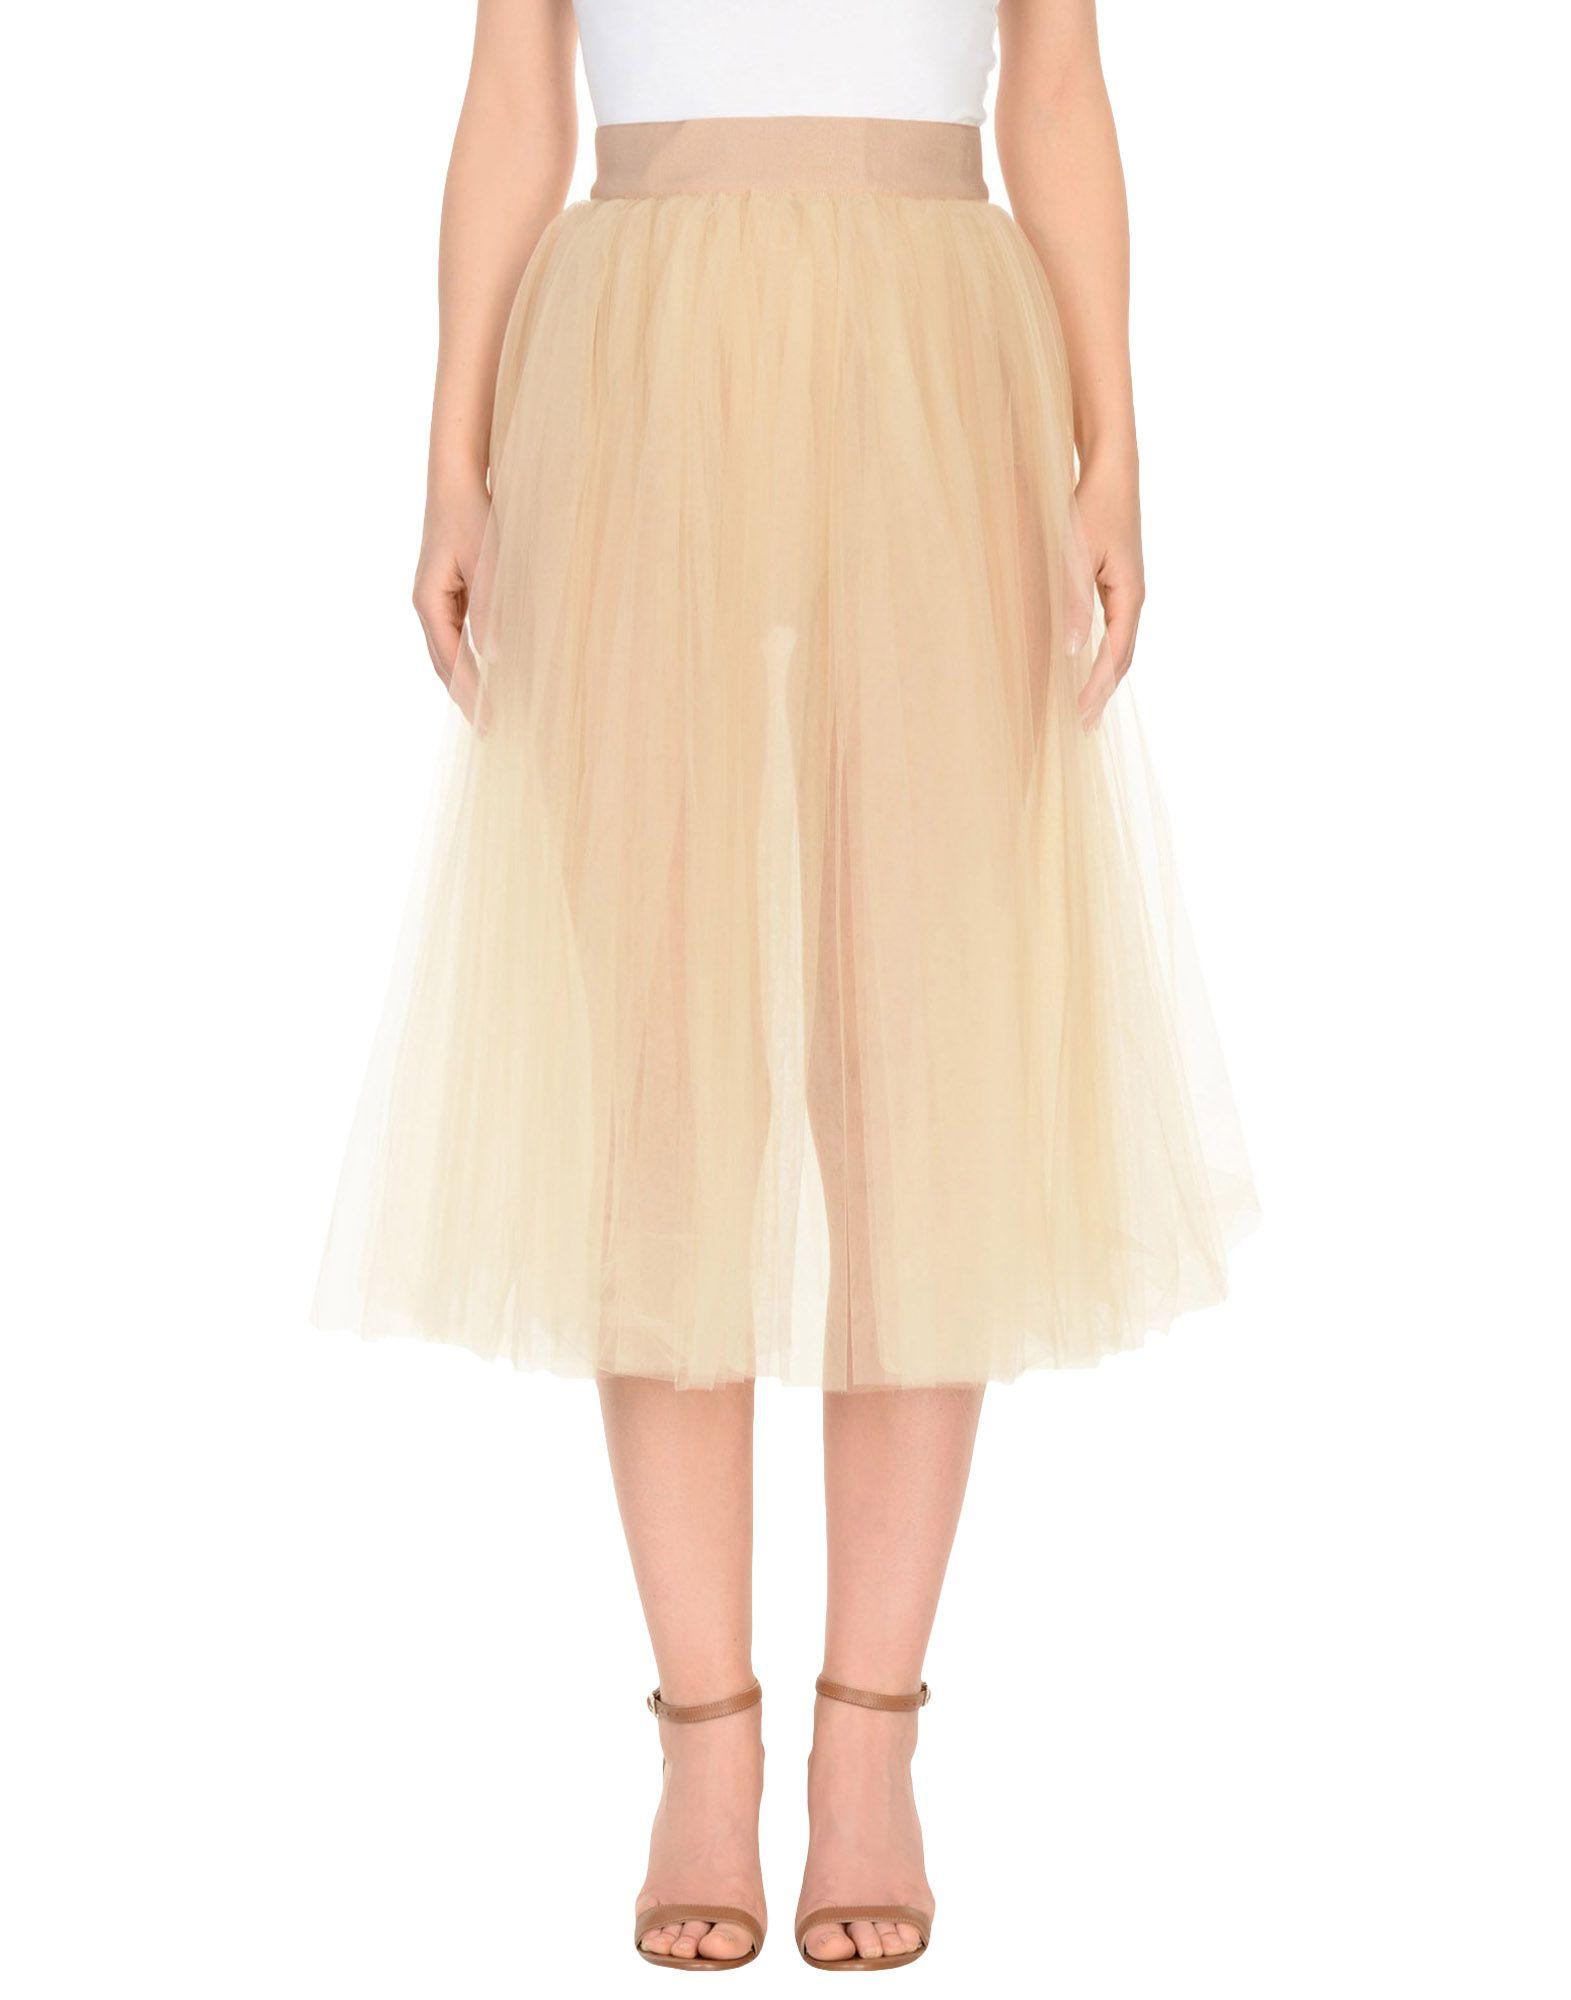 DOLCE & GABBANA | DOLCE & GABBANA 3/4 Length Skirts 35373990 | Goxip